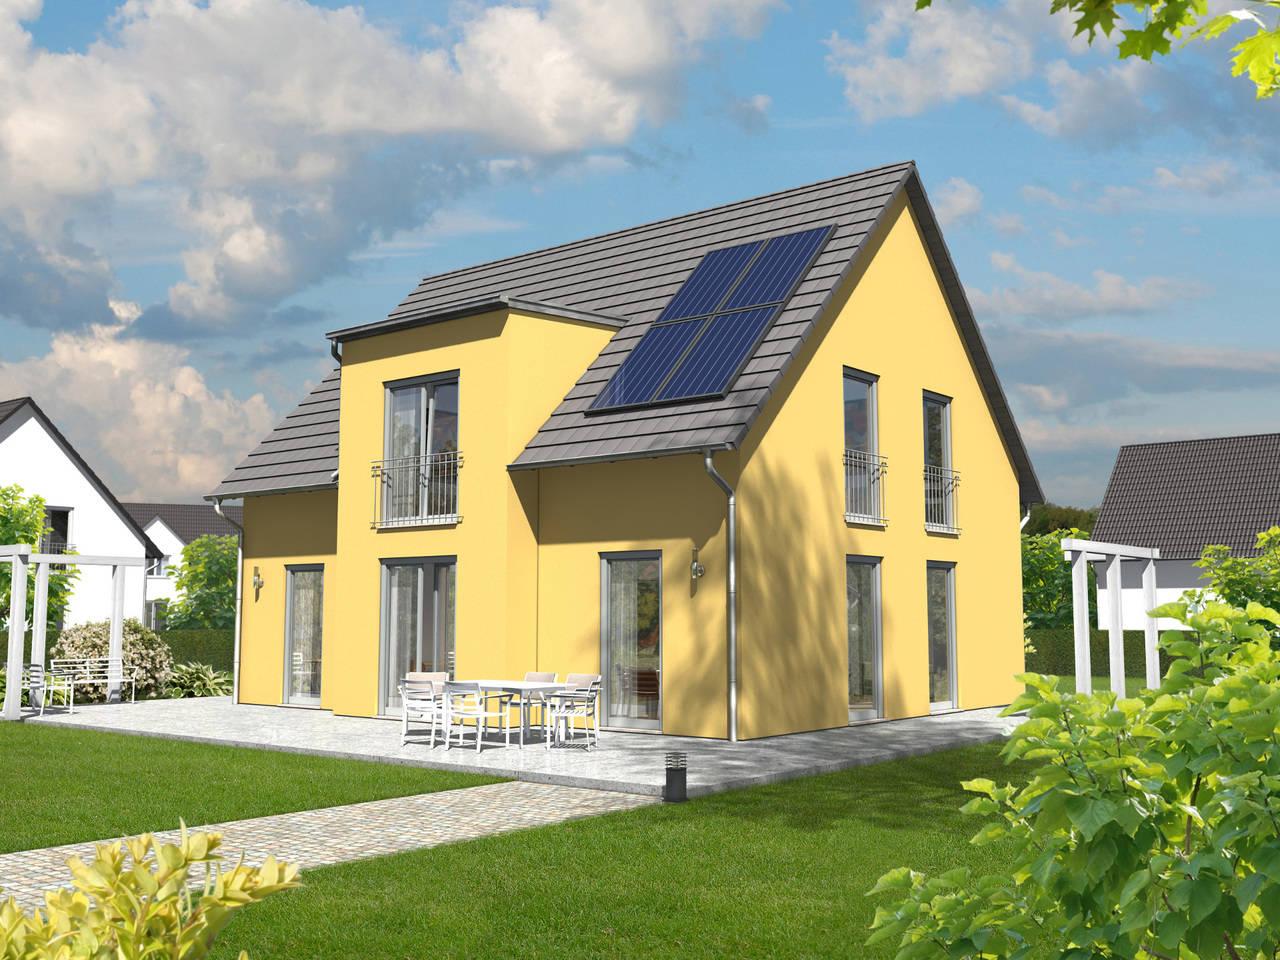 Das Lichthaus 152 Style von Town & Country